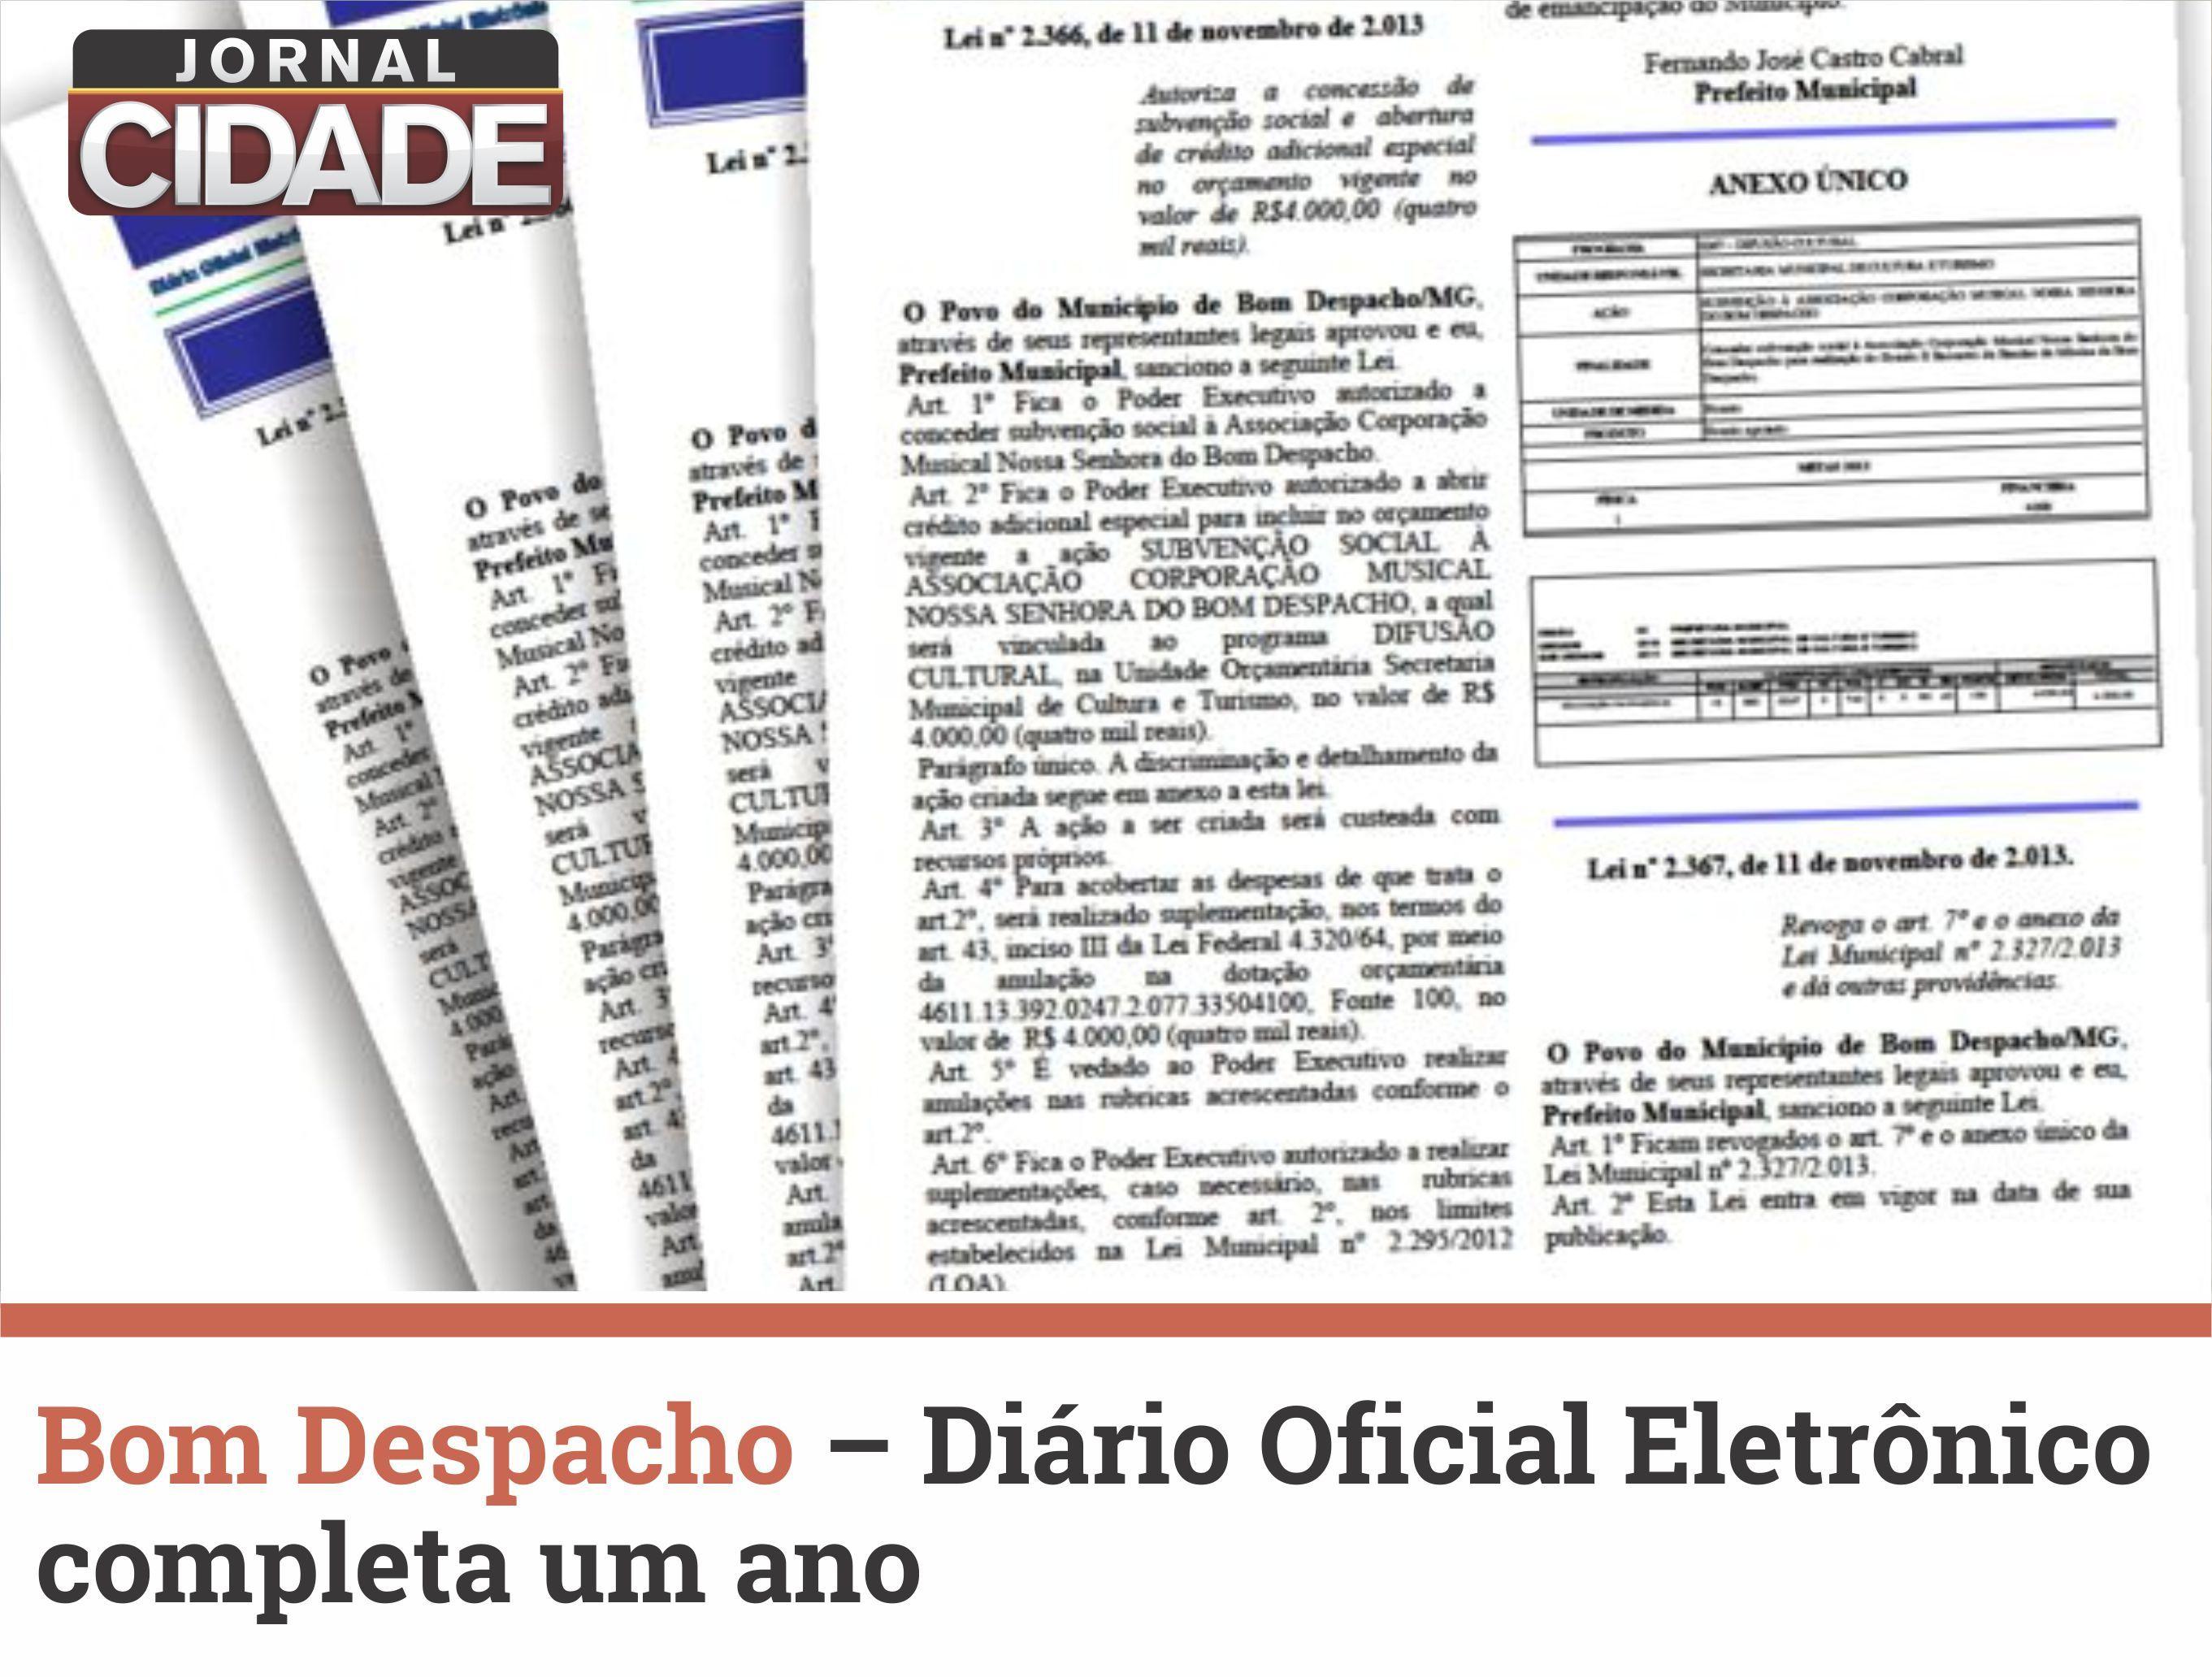 No dia 24 de Junho o Diário Oficial Eletrônico do Município de Bom Despacho (DOMe) completará um ano. Saiba mais: http://goo.gl/ANpt2m